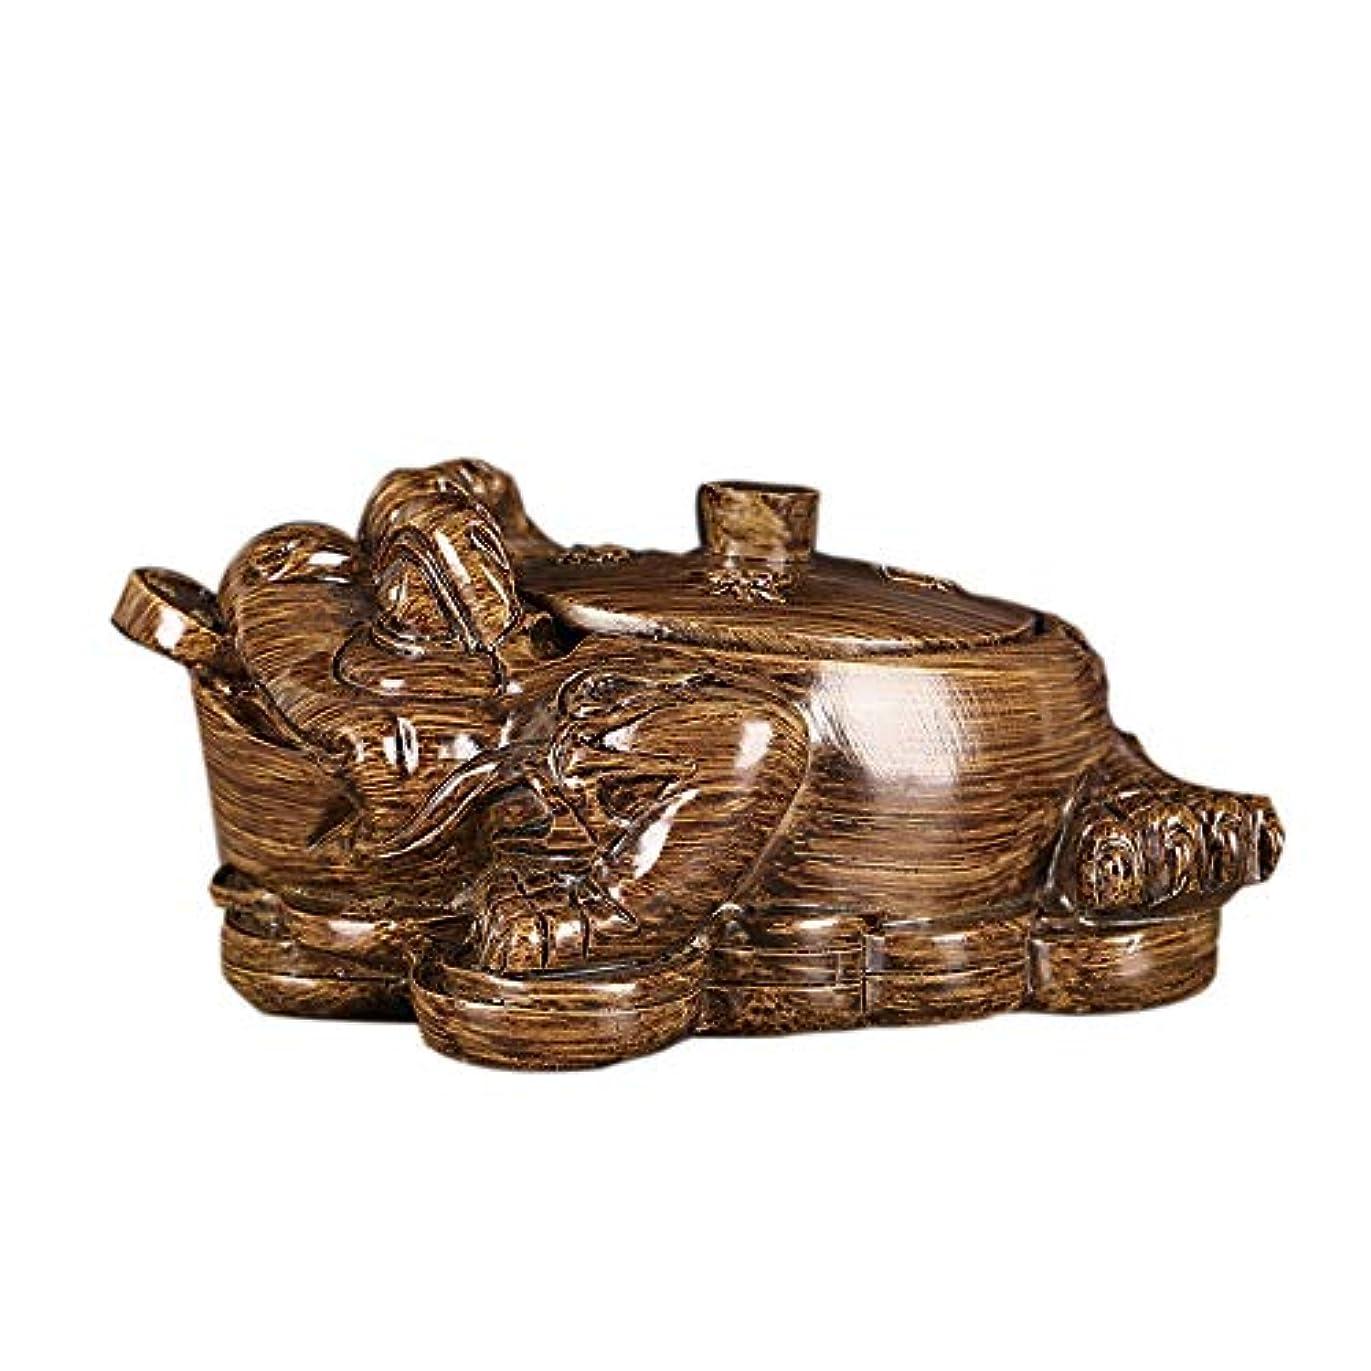 机文明化する祭司ヒキガエル樹脂灰皿、屋外の灰皿ふたクリエイティブ